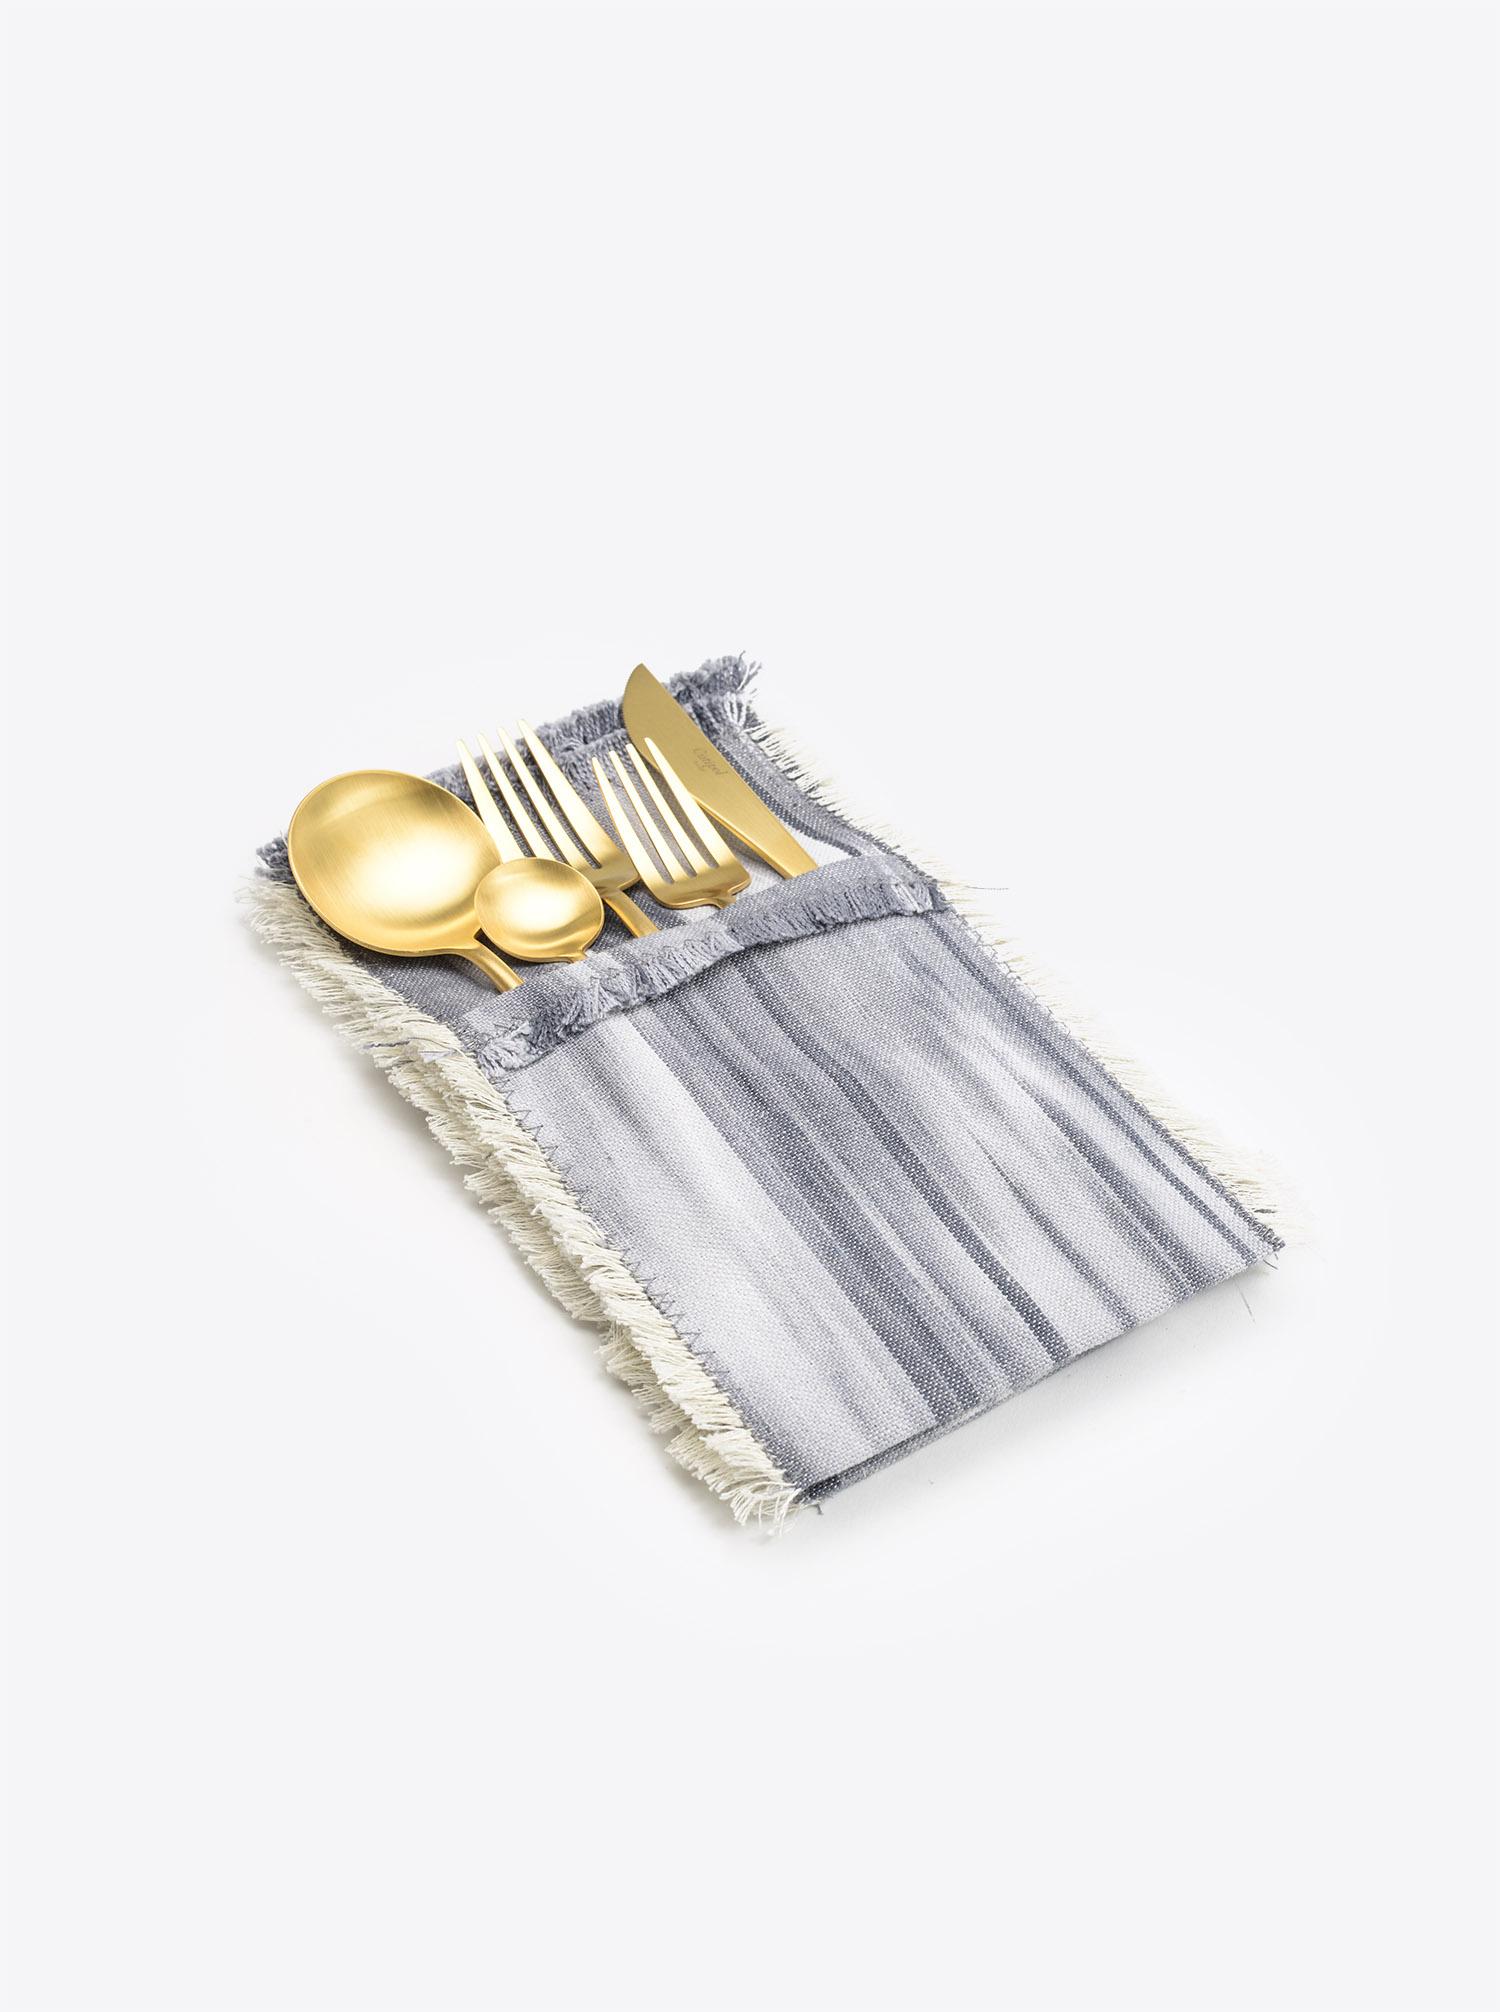 Cutlery Holder Set Cubierto 6 pieces Ikat darkgrey